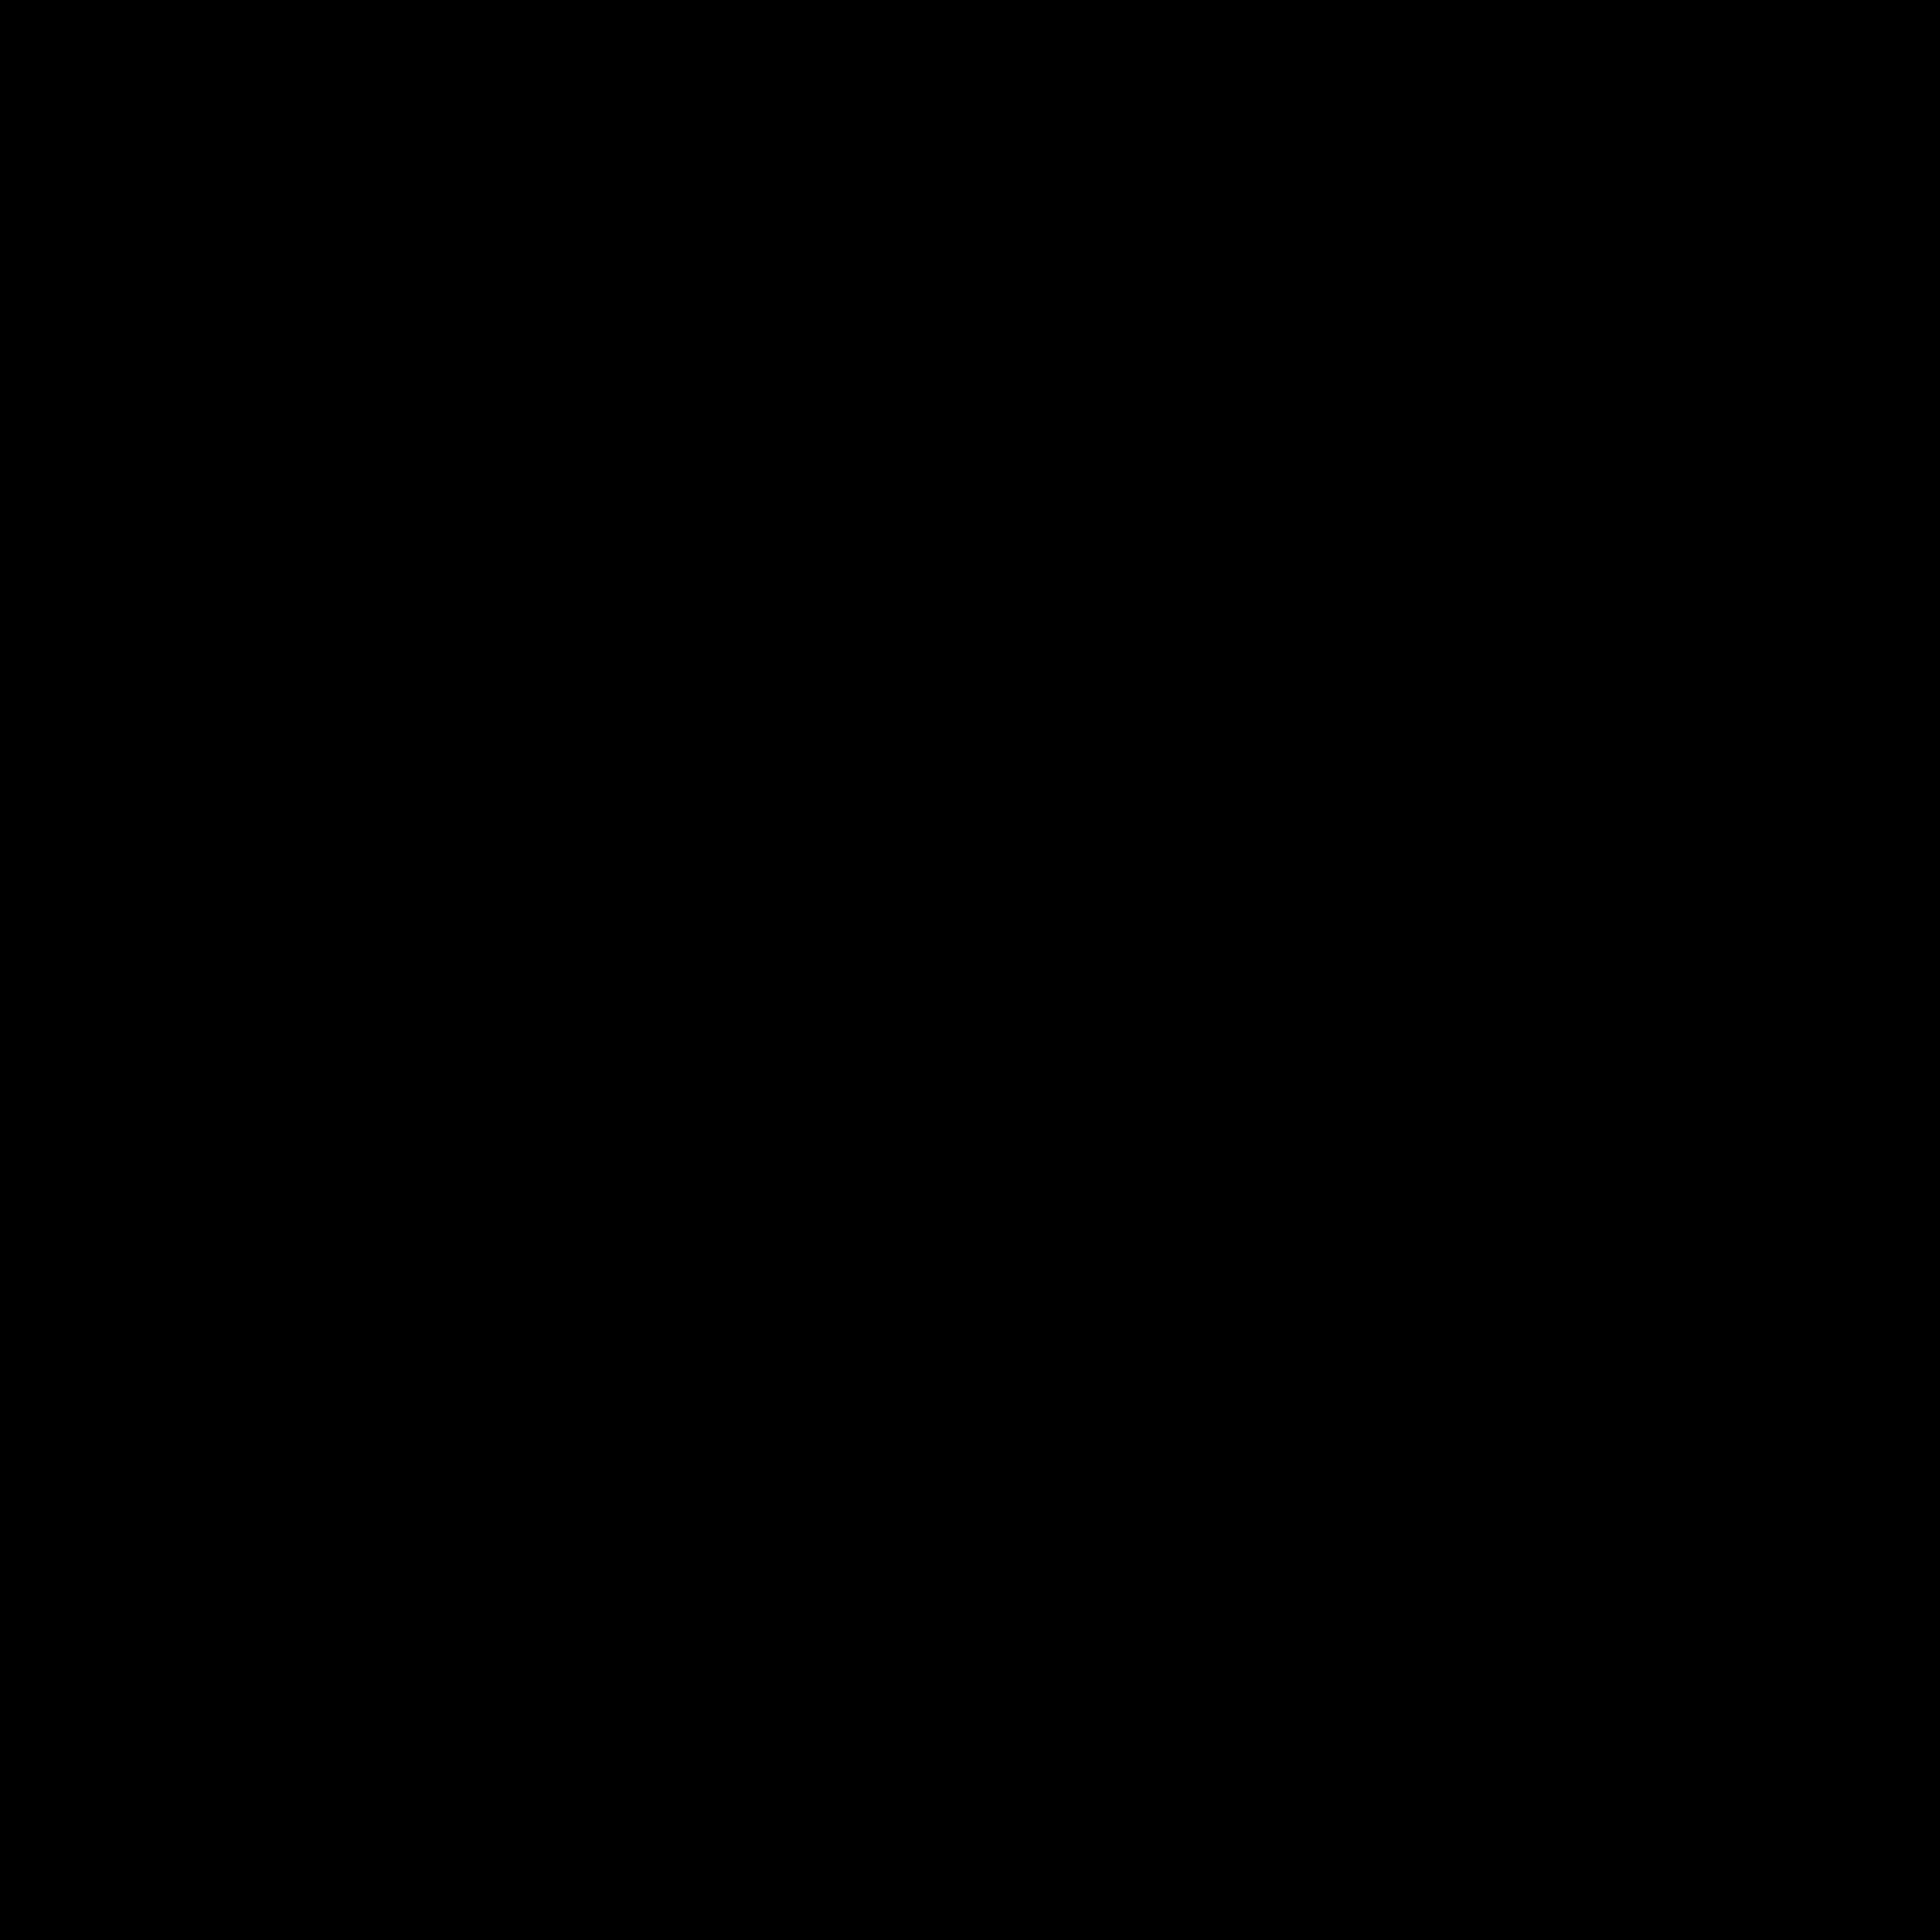 Dibujado A Mano Dibujos Animados Elefante Jirafa Imagen Vectorial Png Elefante De Dibujos Animados Manos Dibujo Dibujos Animados